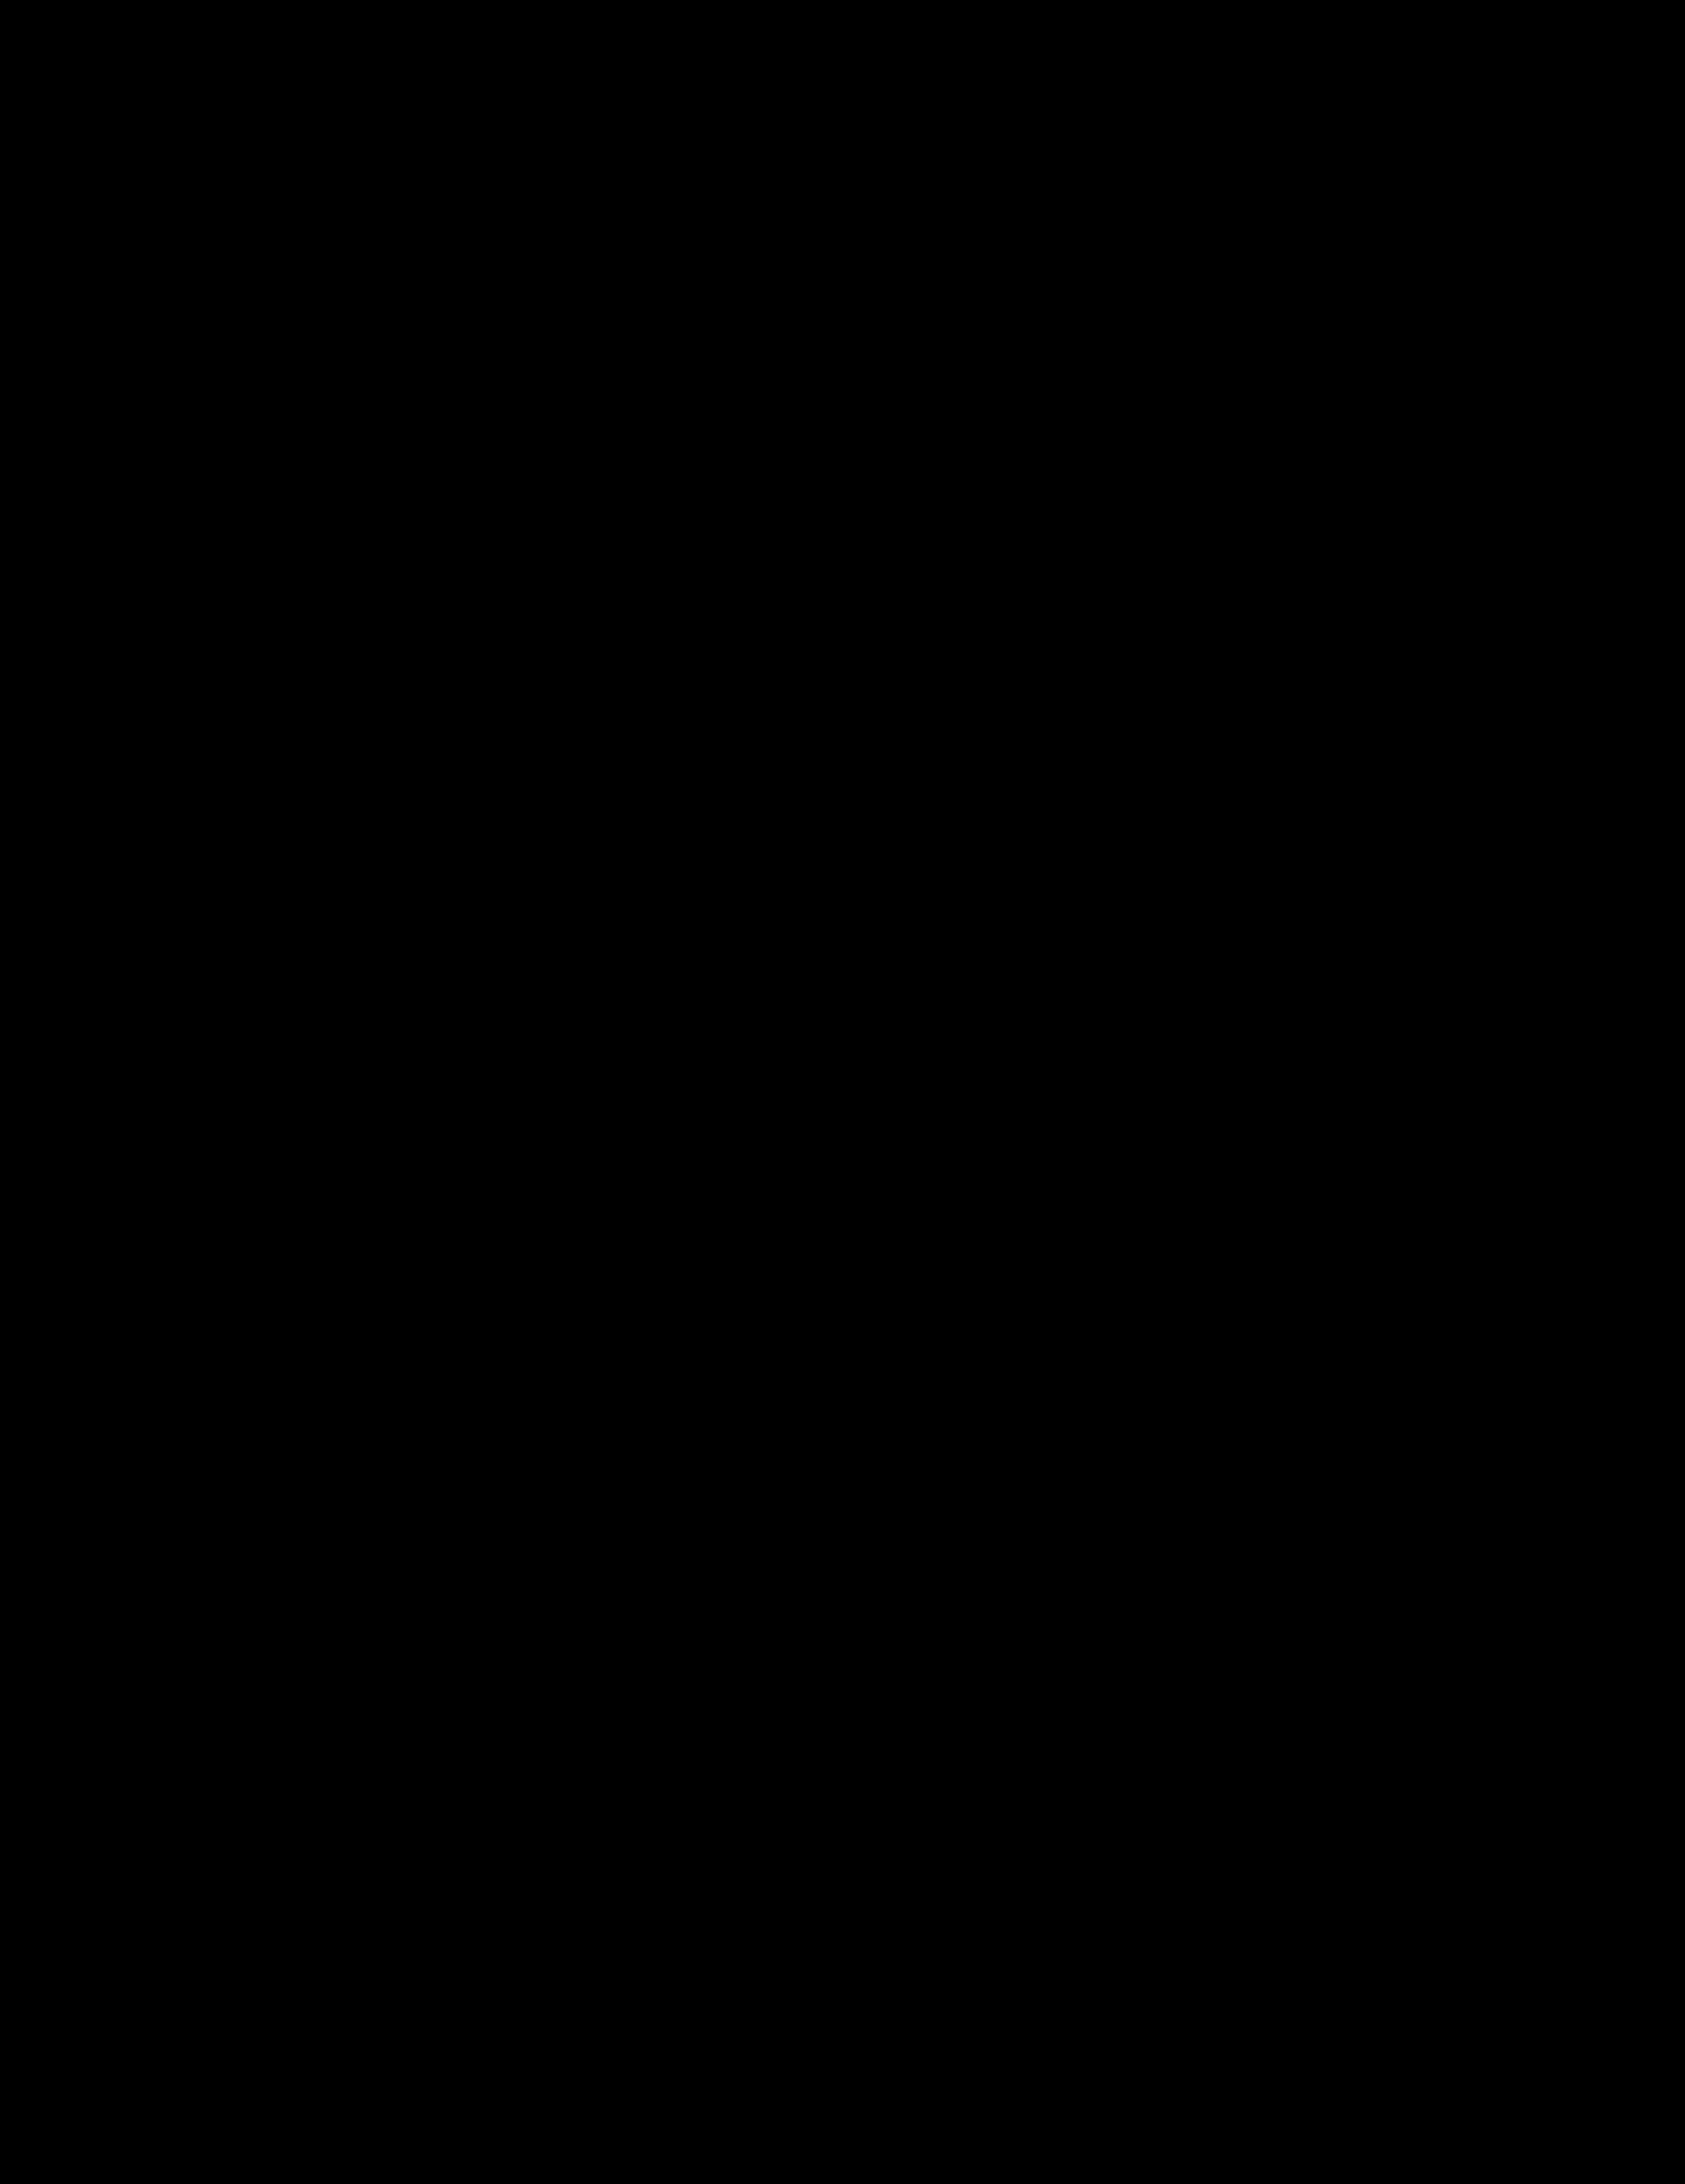 Ignacio Martorell Fos